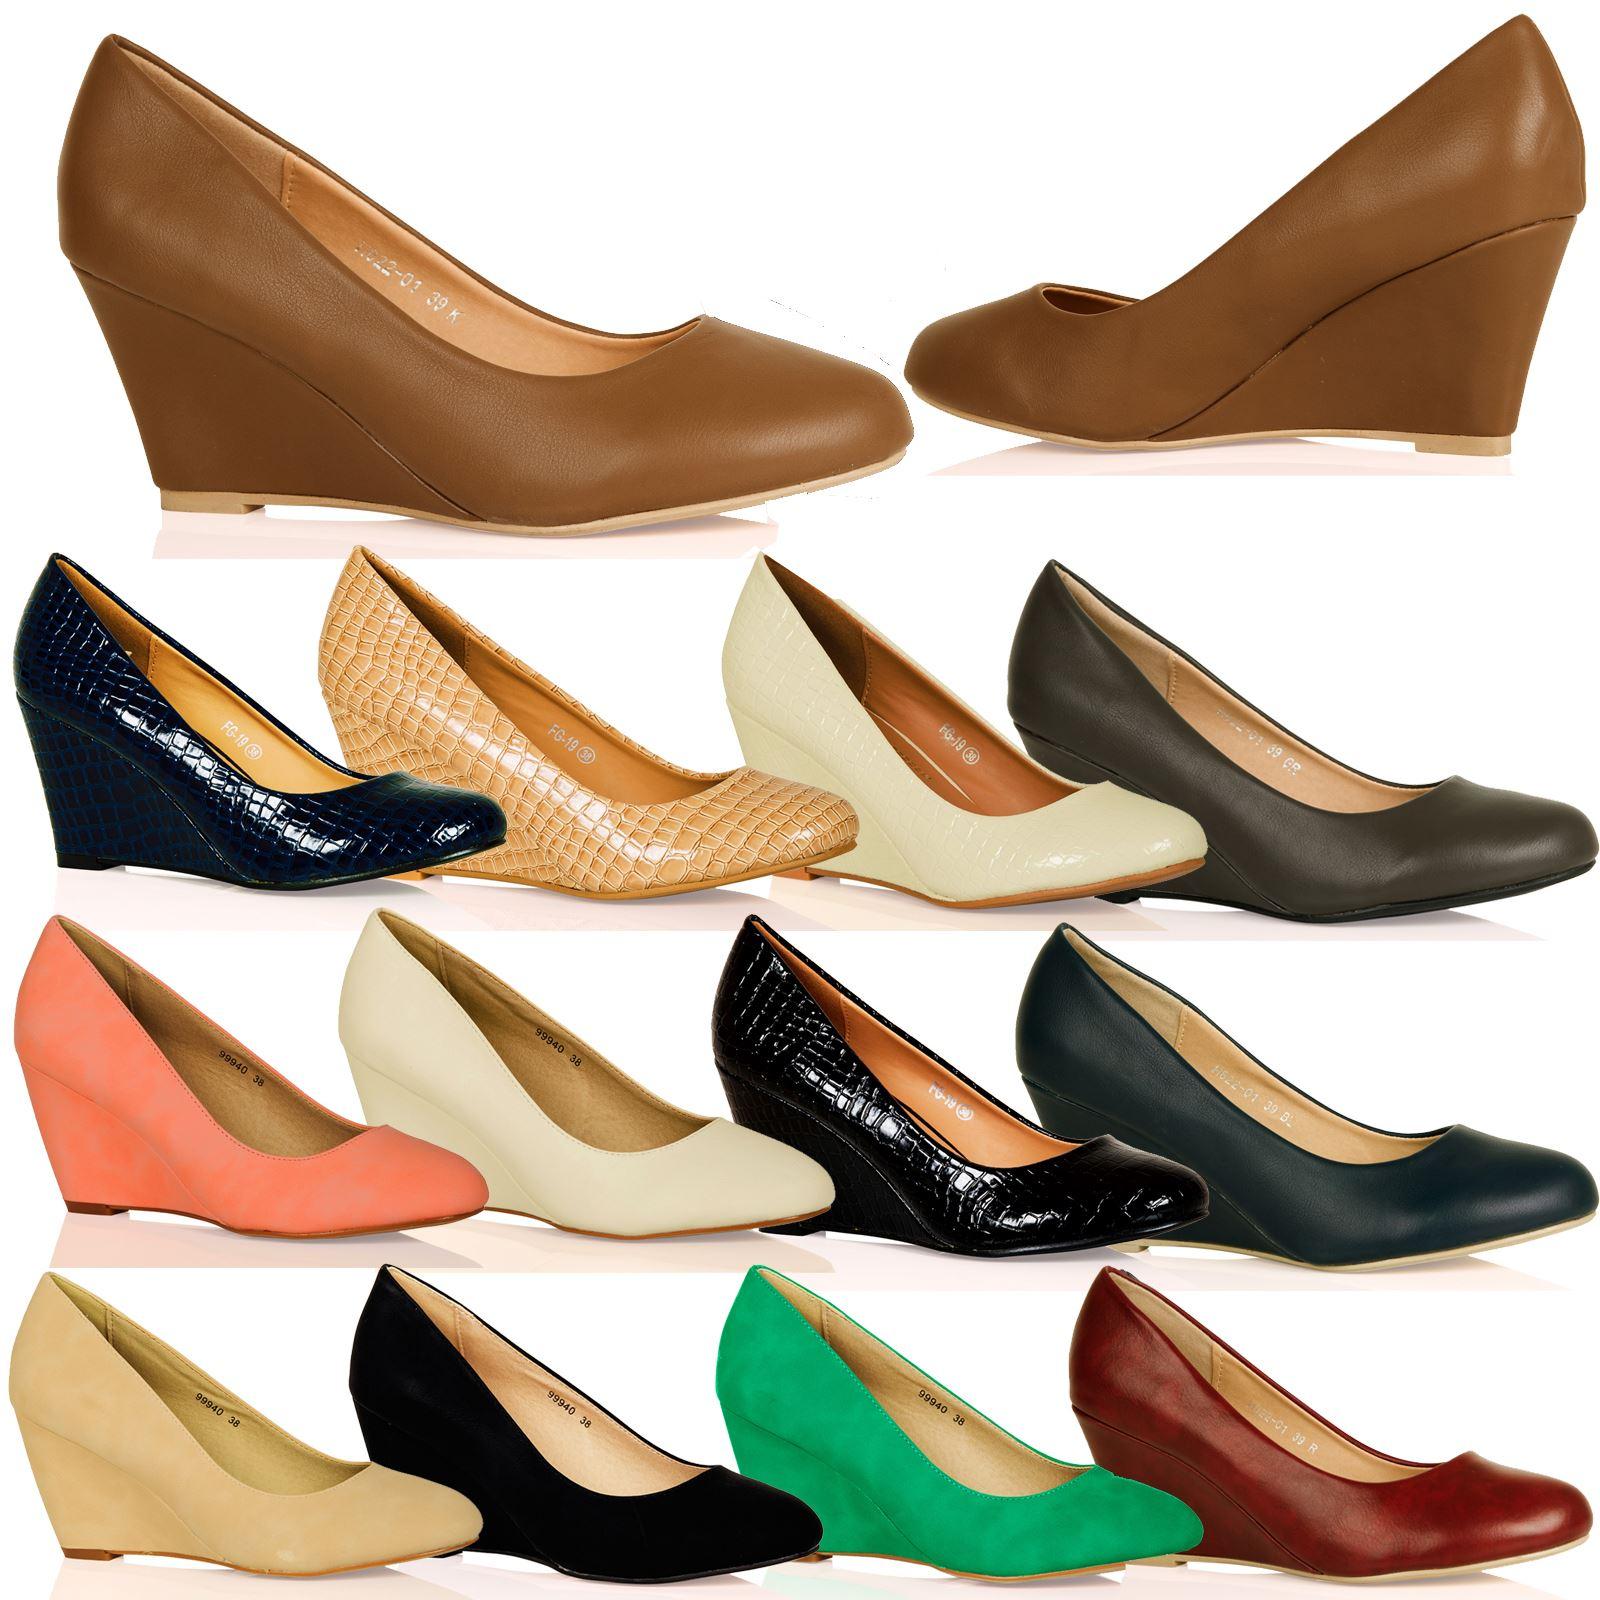 L2a mujer bajo zapatos de sal n tac n medio estilo - Botas de trabajo ...